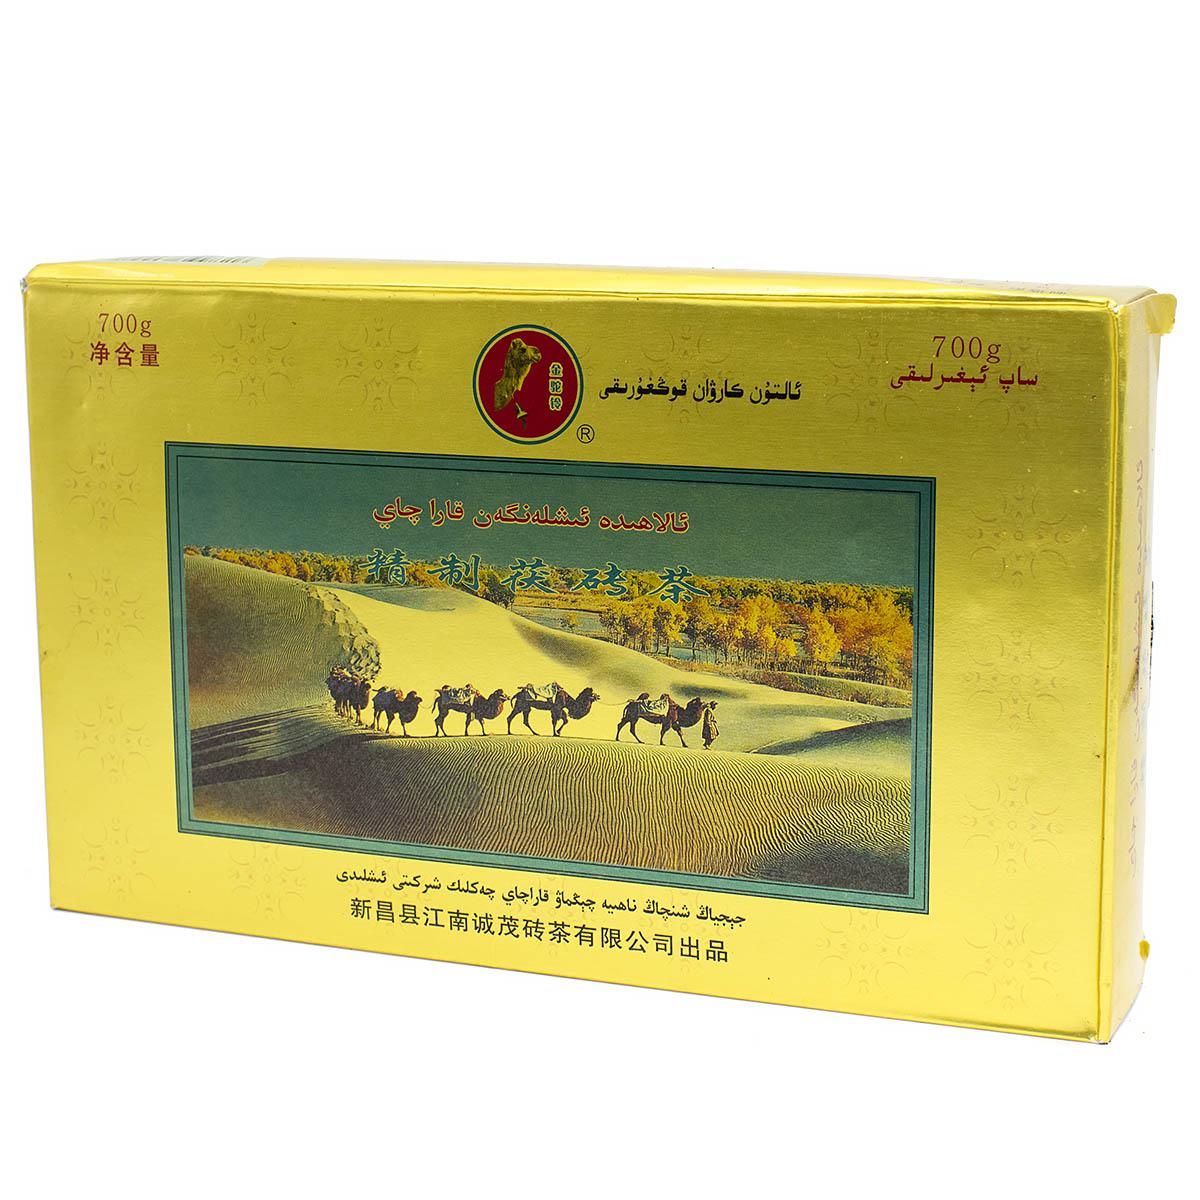 Купить со скидкой Чай черный Цзин Чжи Фу Чжуань Ча Золотой Верблюд, кирпич, 2016, 700 г